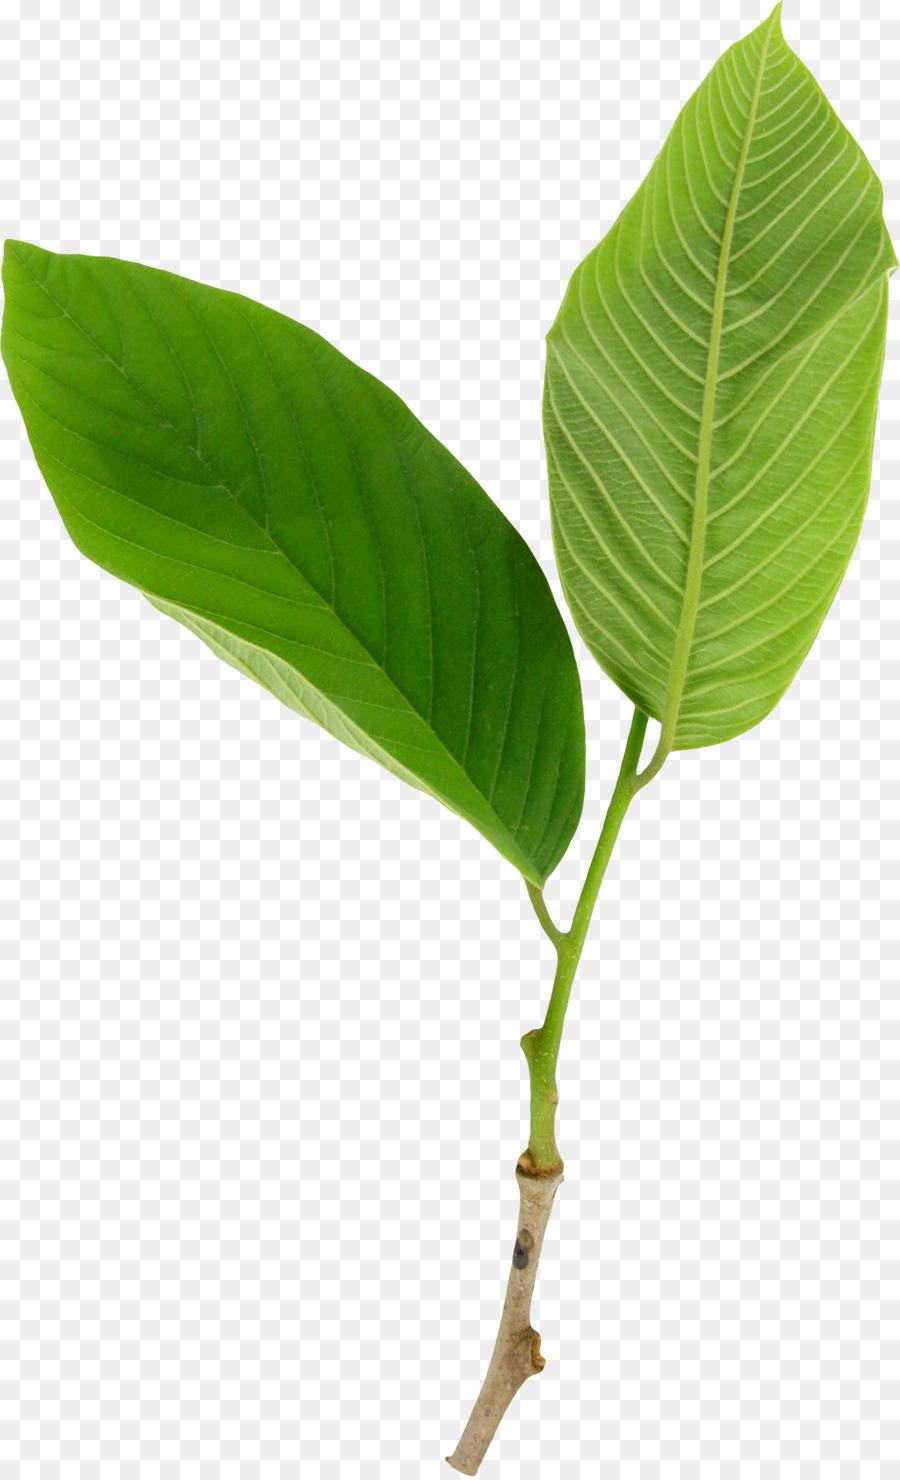 Royalty Free Clipart - Tag-Strichzeichnung Von Blumen Und bestimmt für Pflanzen Bilder Kostenlos